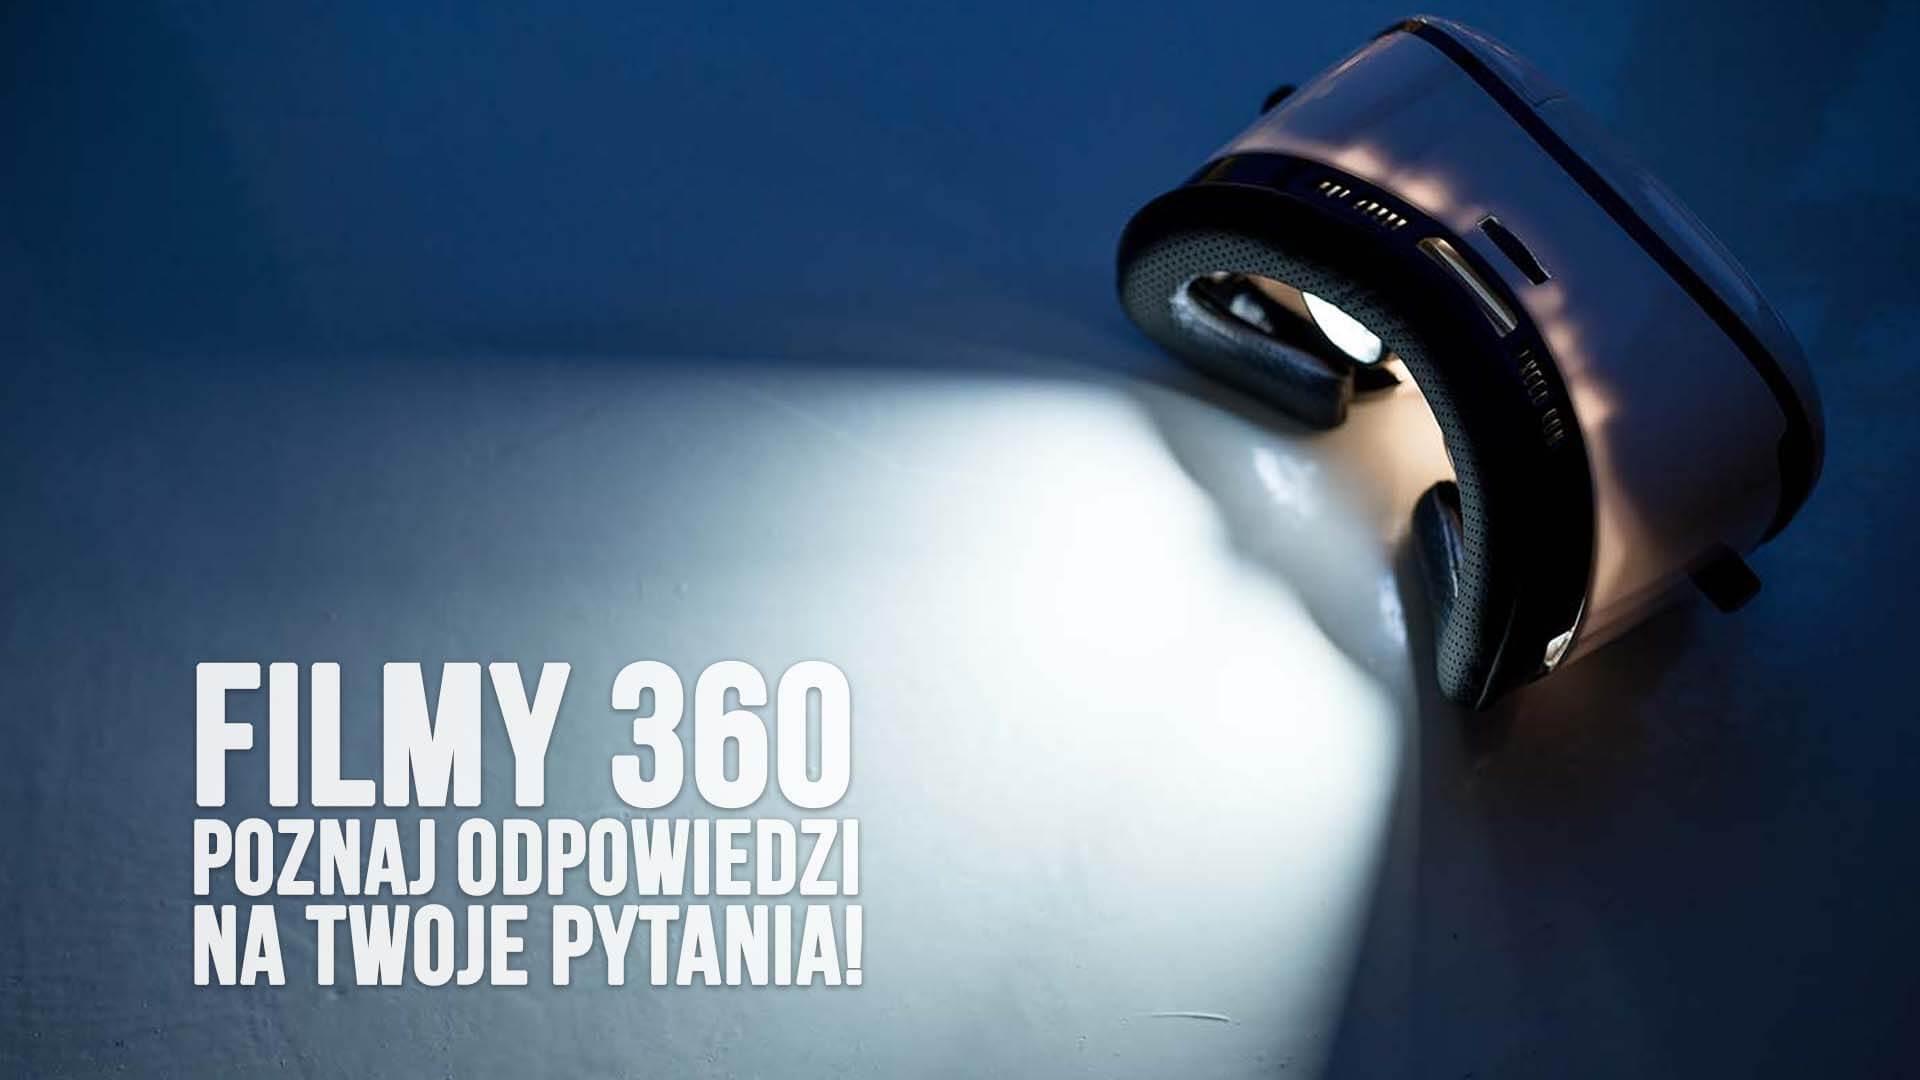 filmy 360 faq filmy sferyczne